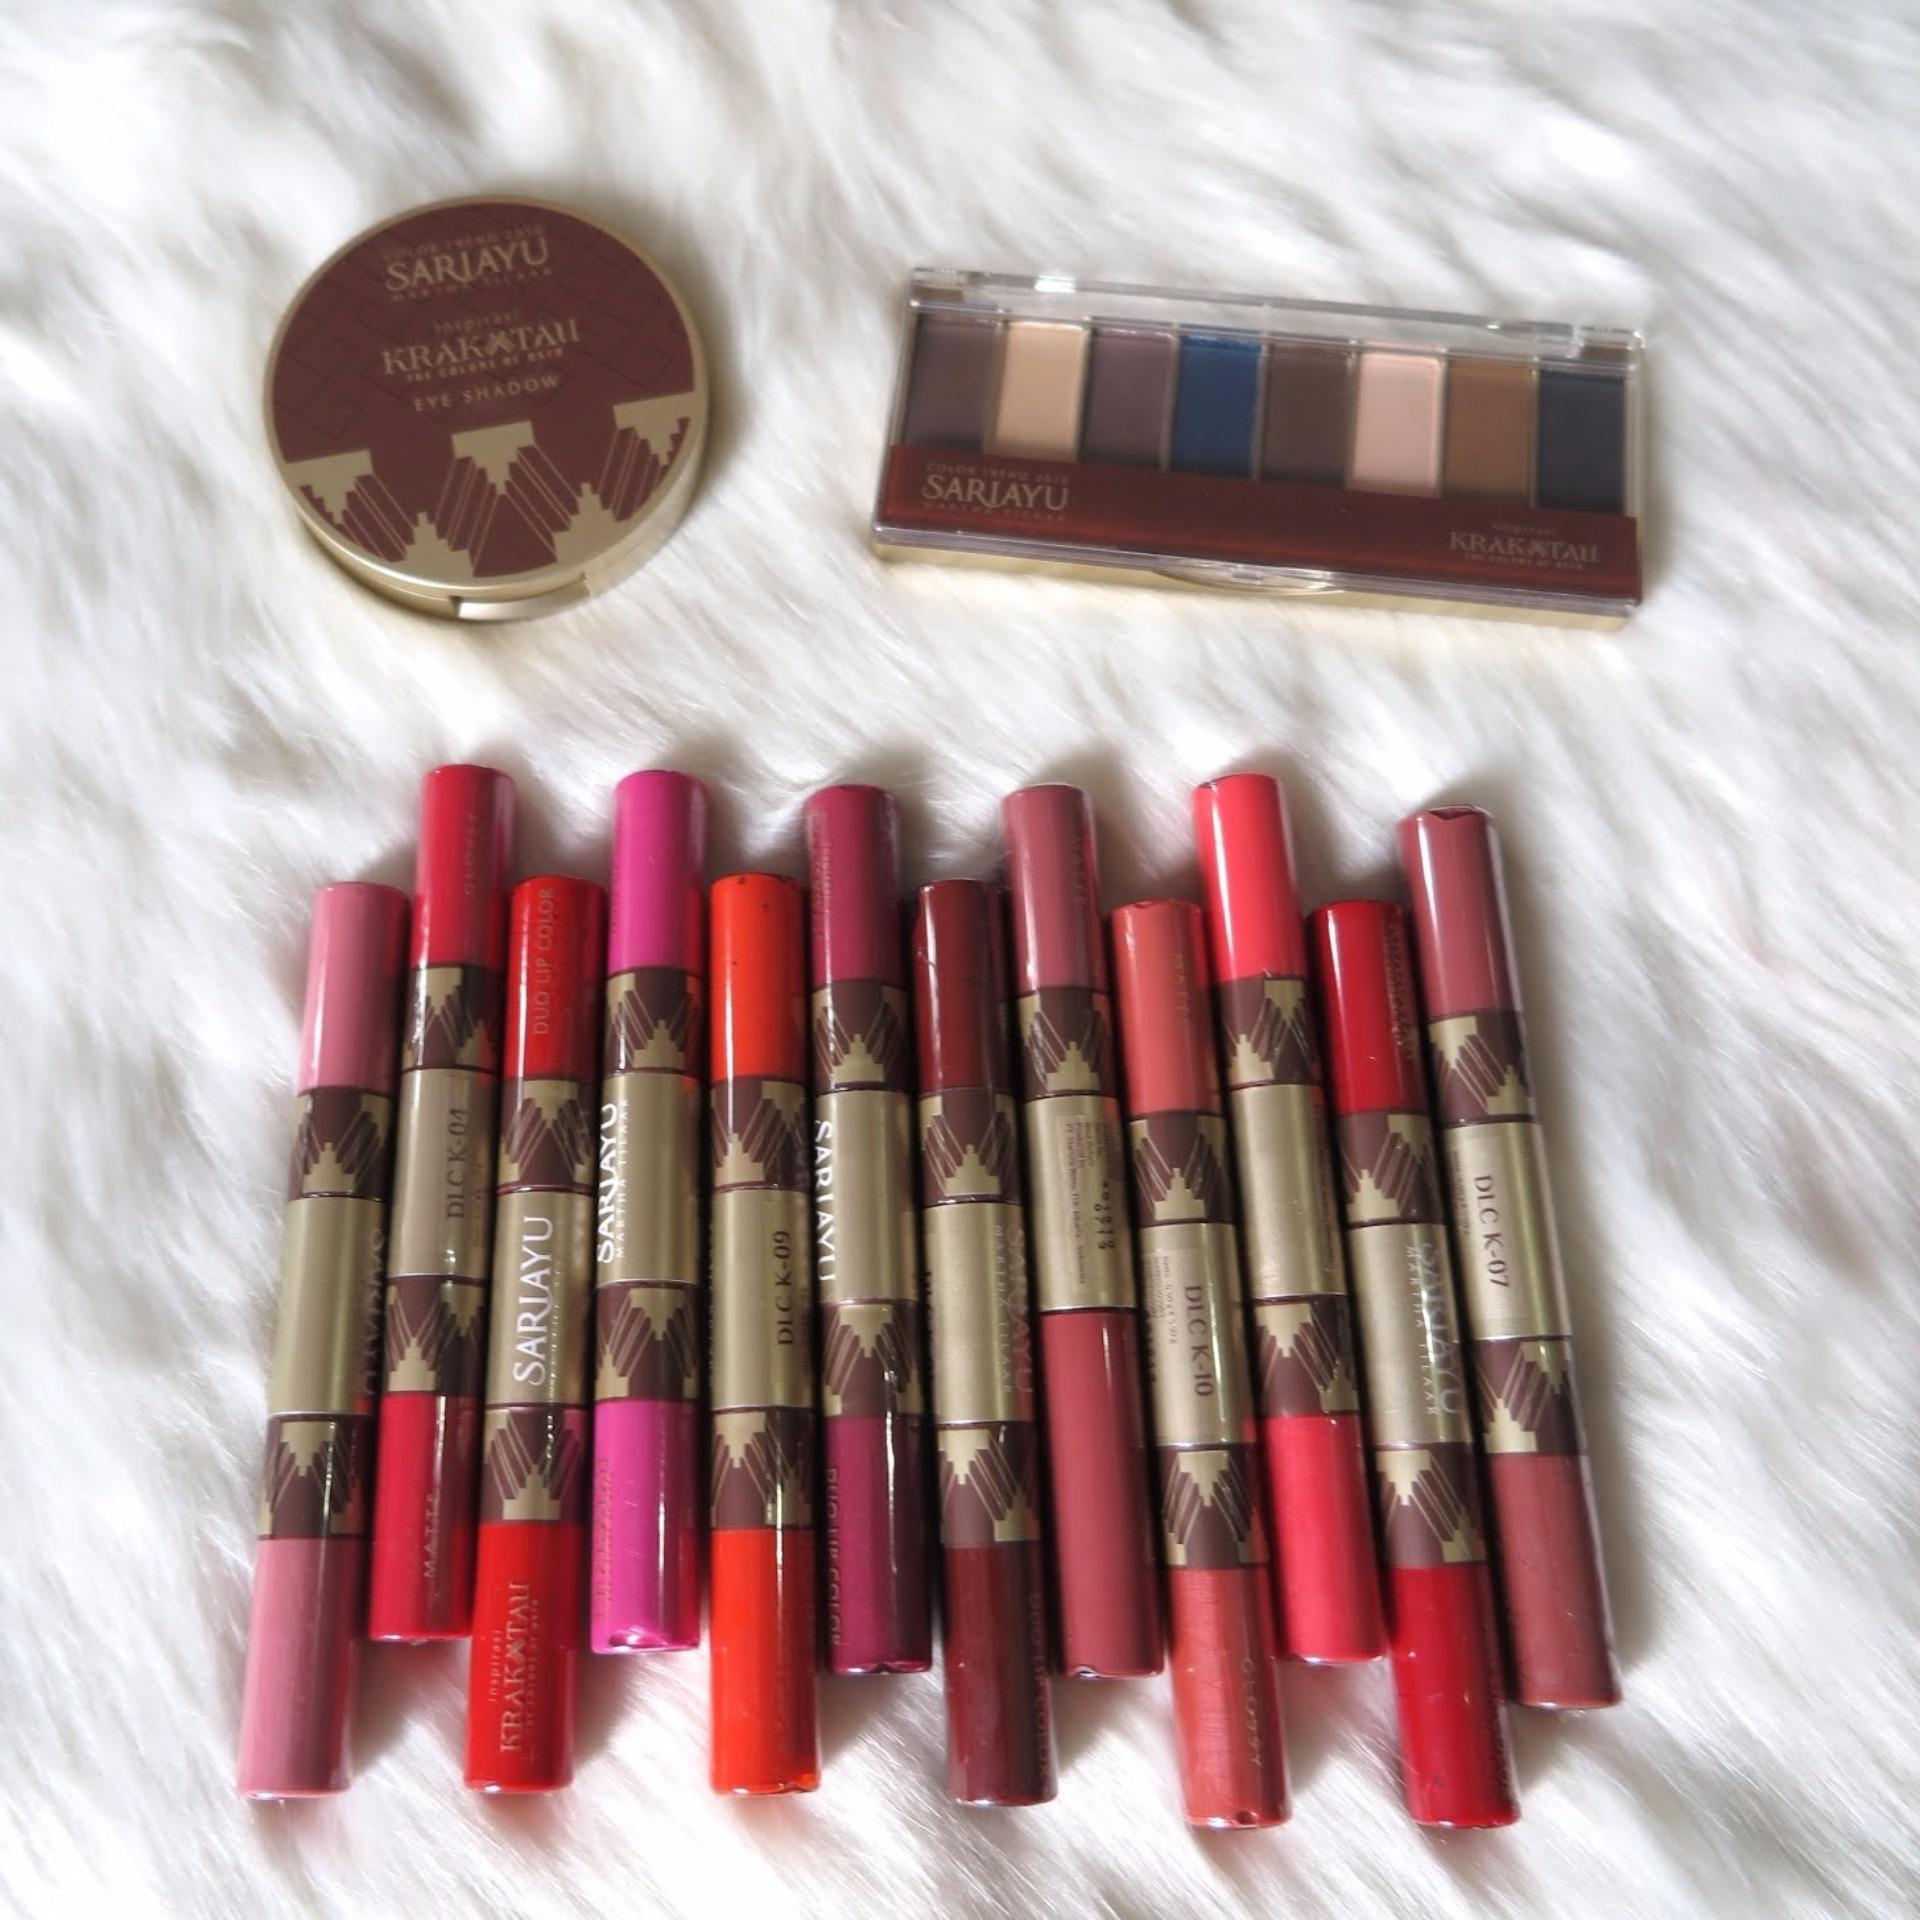 Sariayu Color Trend 2016 Duo Lip Krakatau 05 55 65 Gr E Senses Gloss Me 320475 12 Source